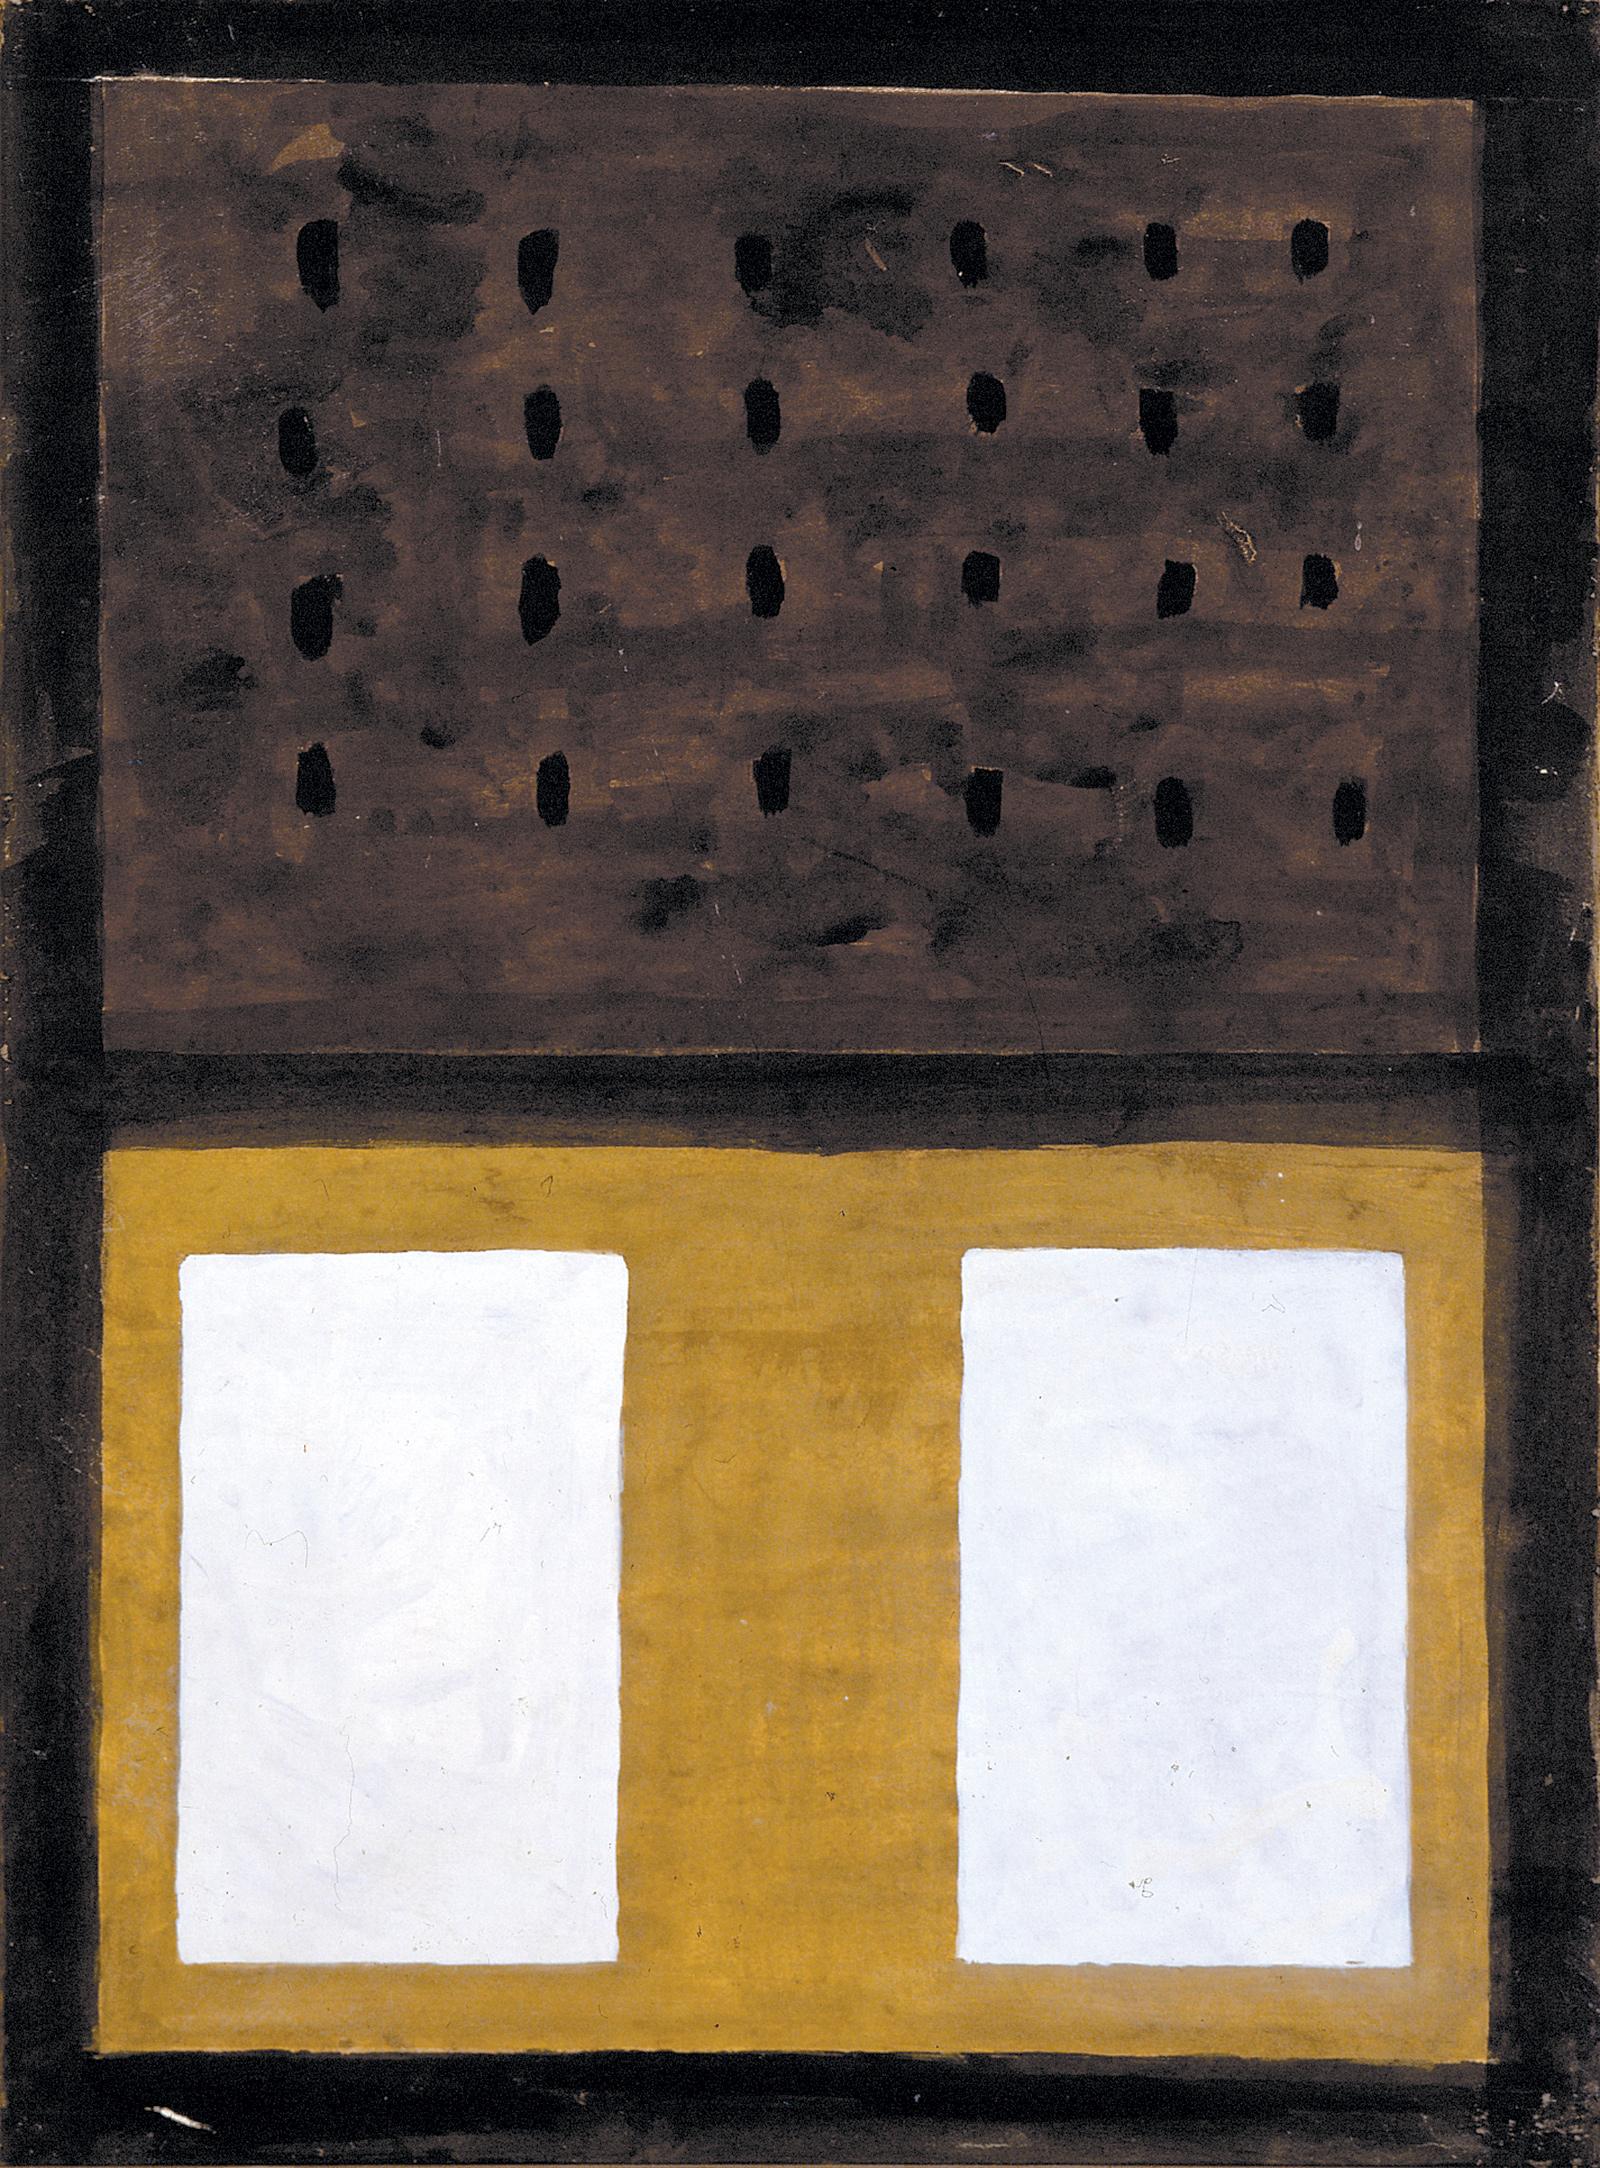 Agnes Martin: The Book, 1959